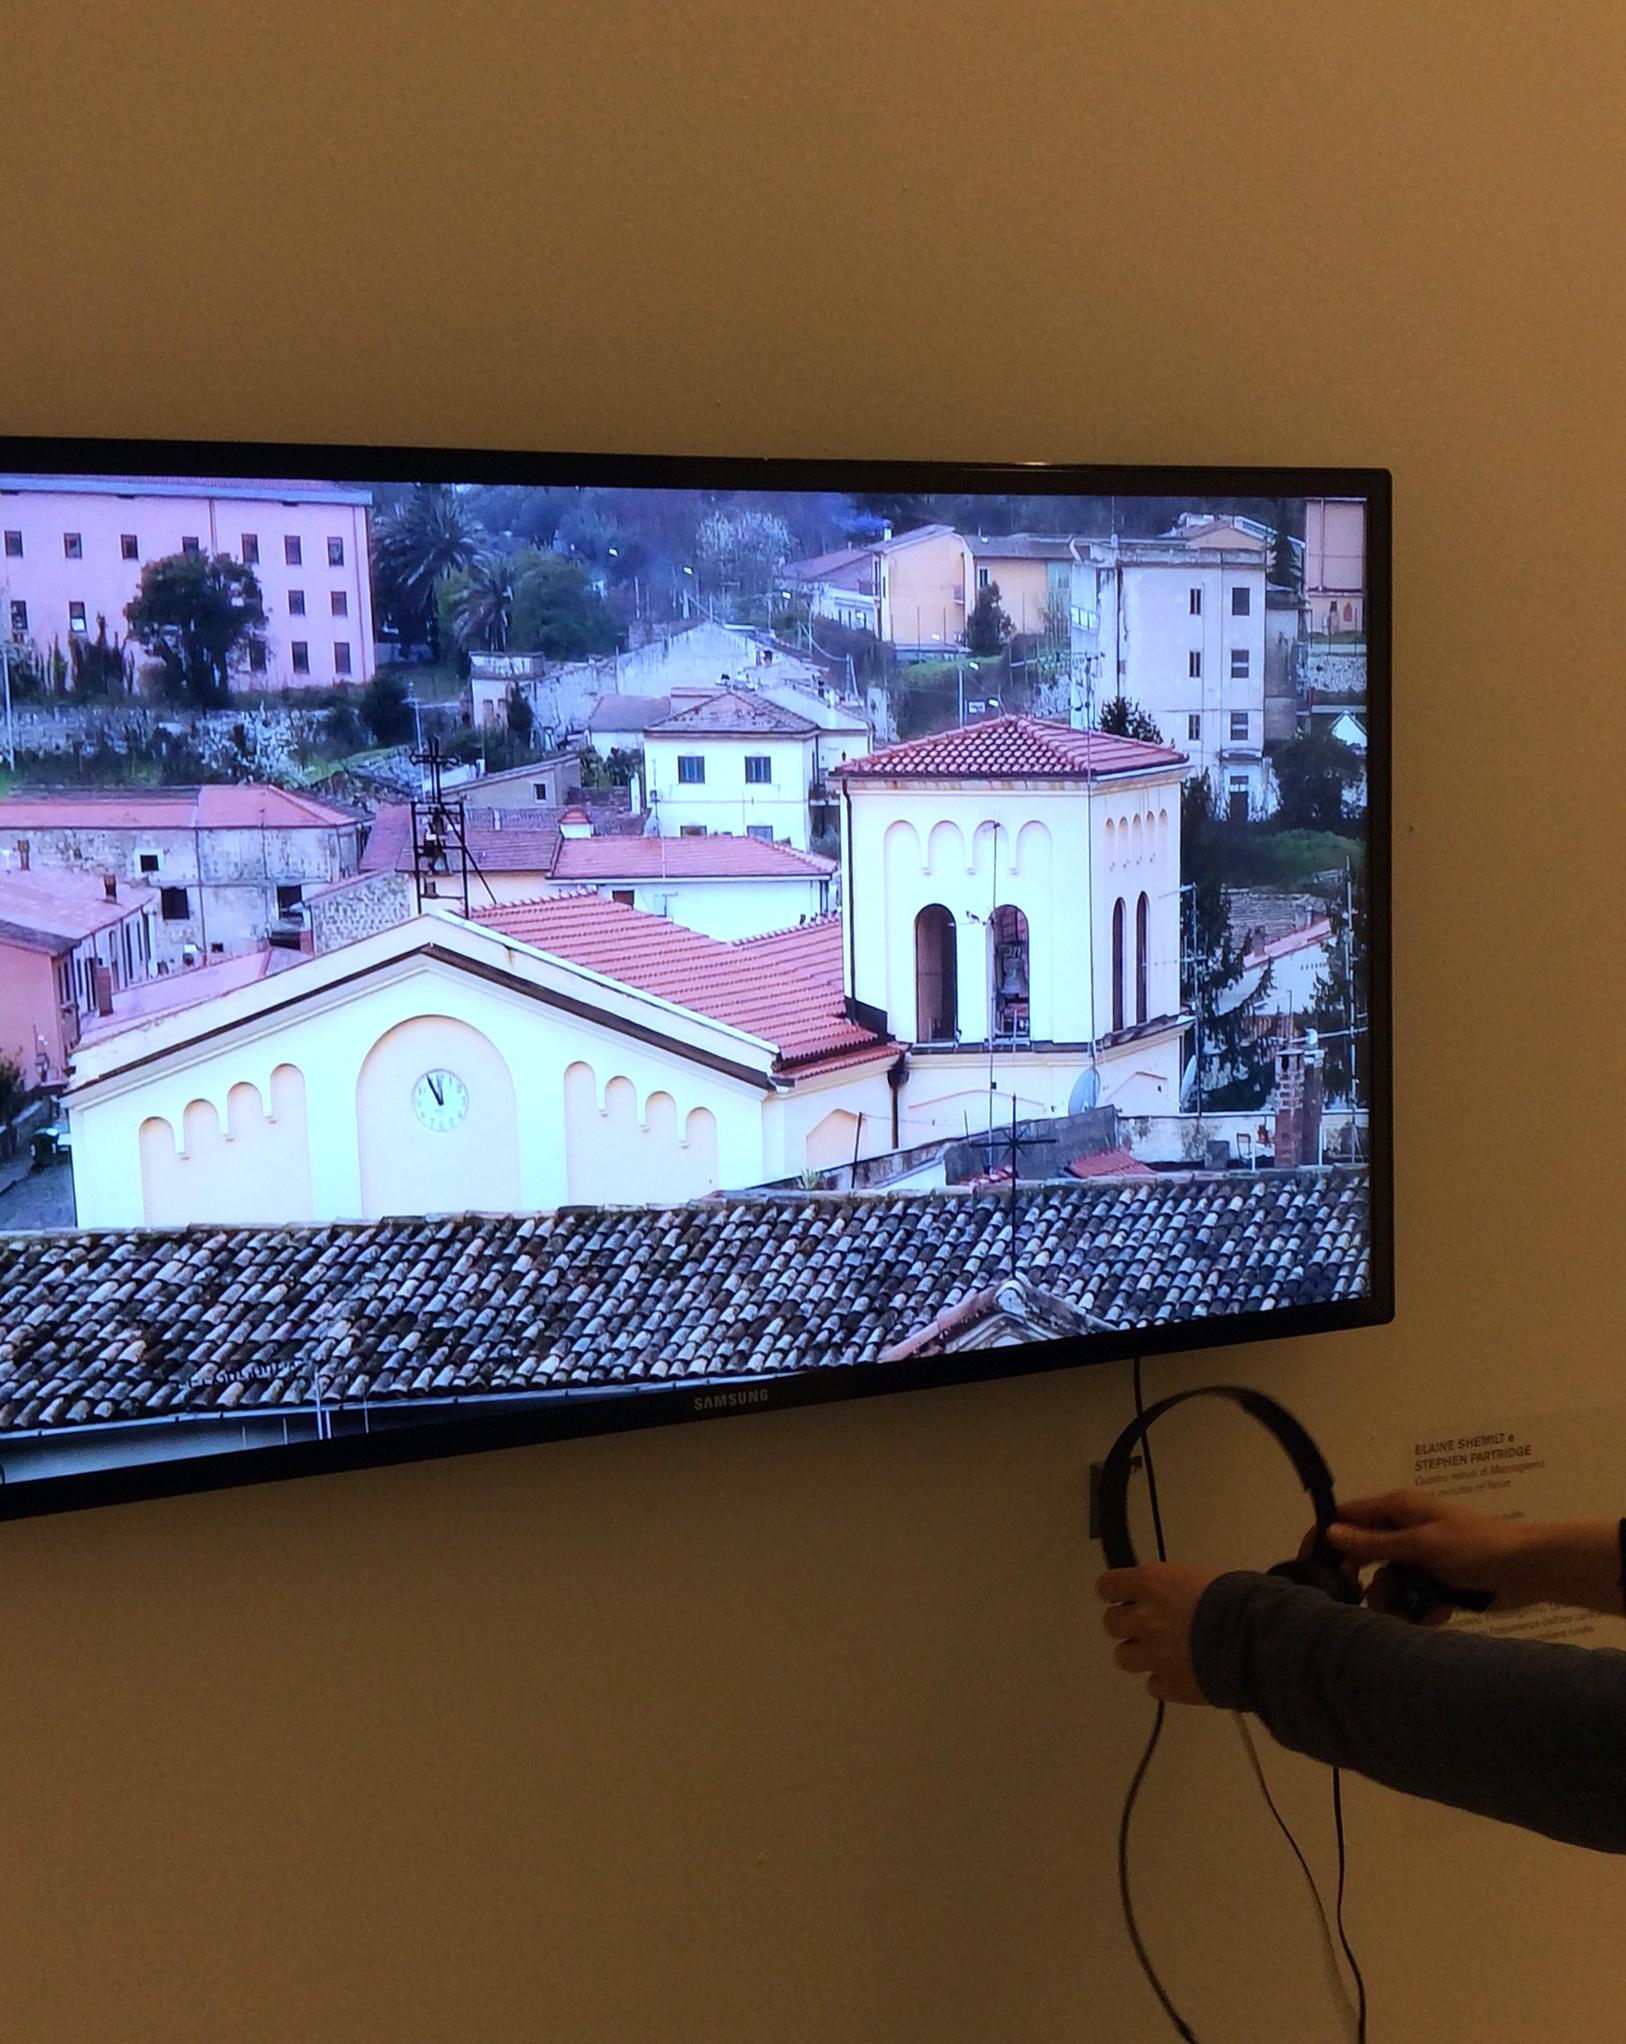 """Quattro Minuti di Mezzogiorno. Hi Definition Film. Exhibited in """"Dall'oggi al domani. 24 ore nell'arte contemporanea"""", at MACRO – Museo d'Arte Contemporanea Roma, Italy"""